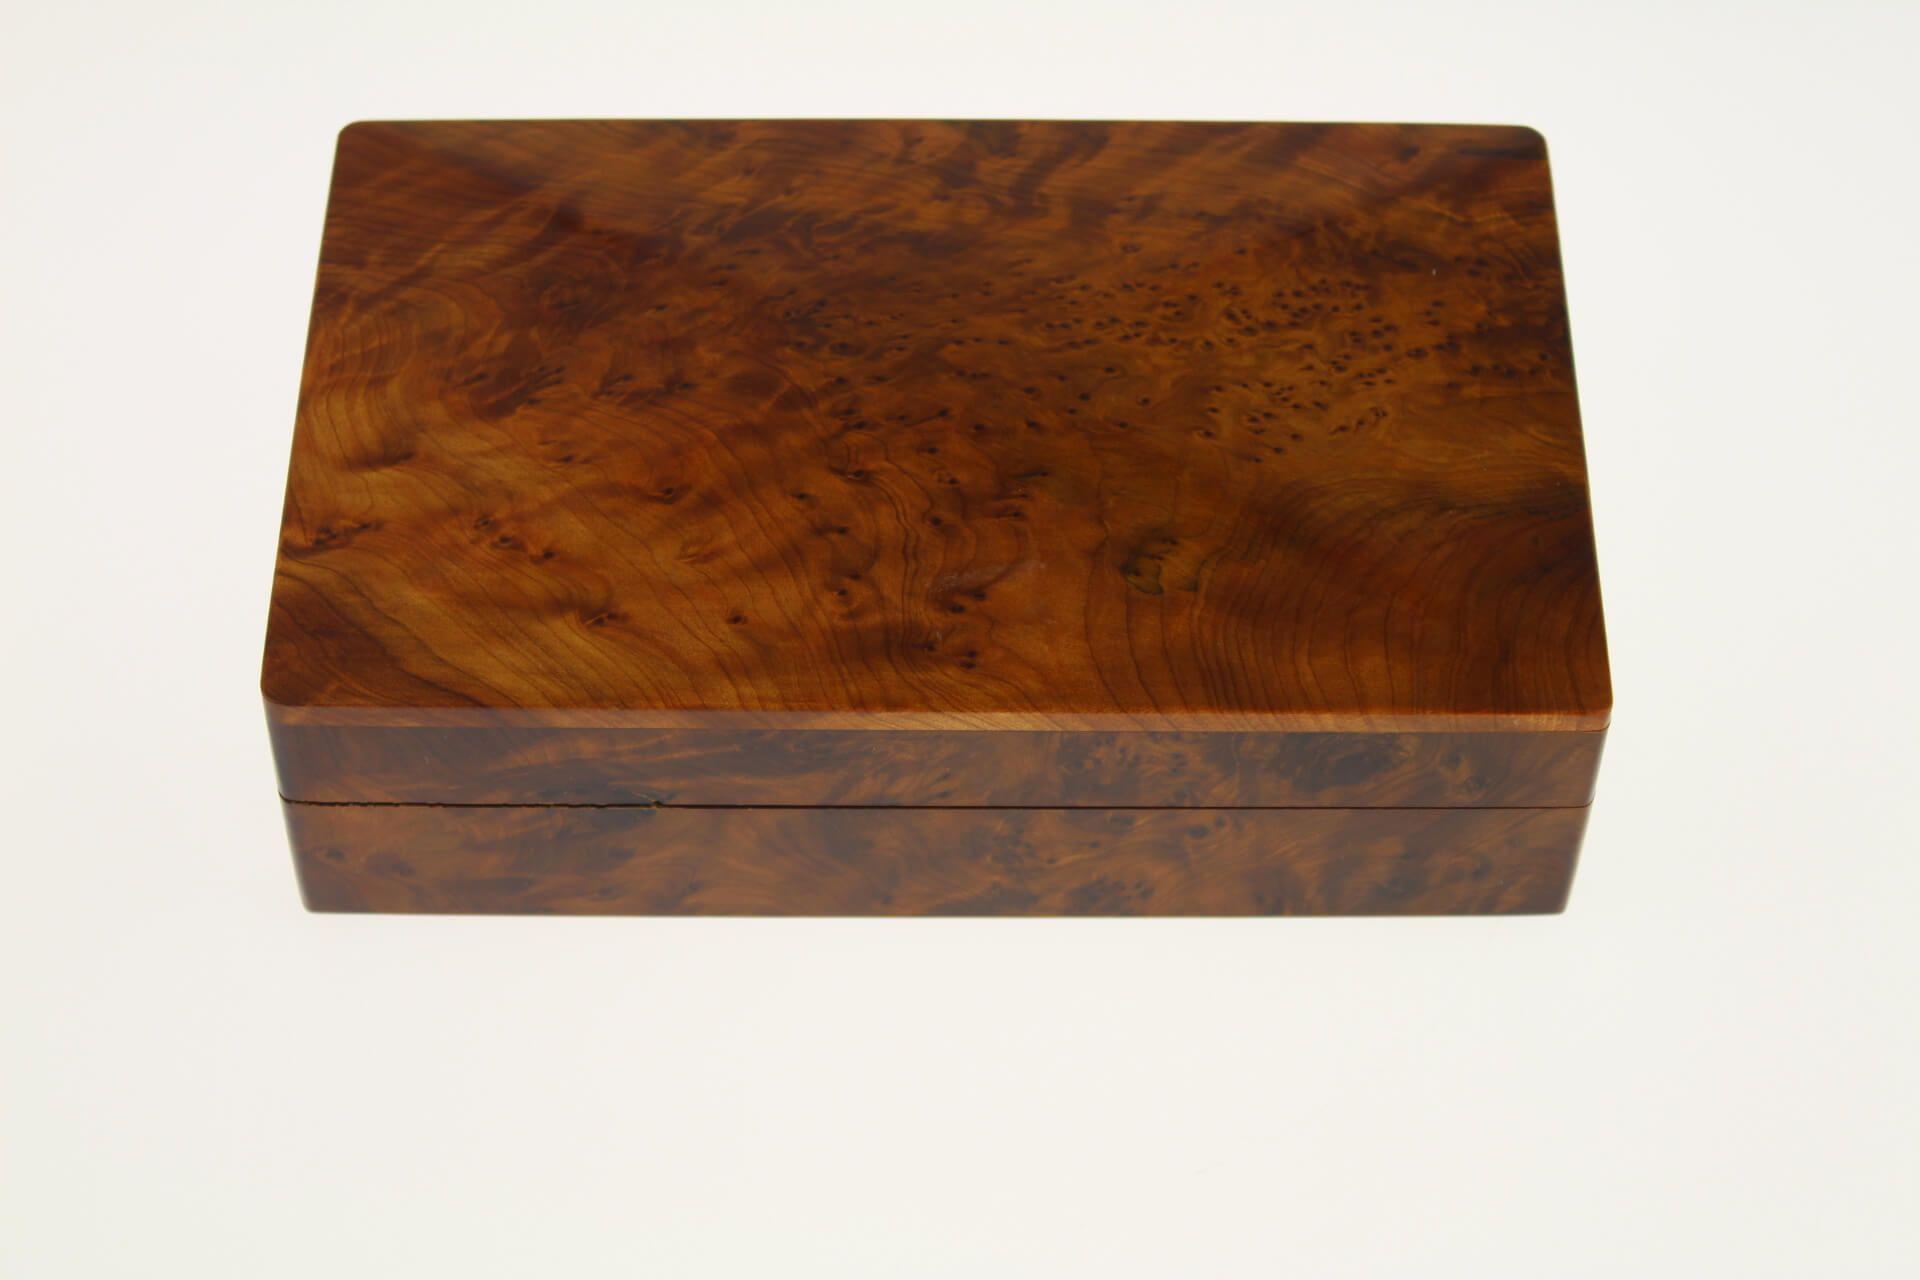 Magnifique boite en bois de thuya rectangulaire 20x12x5 5 - Decoration boite en bois ...